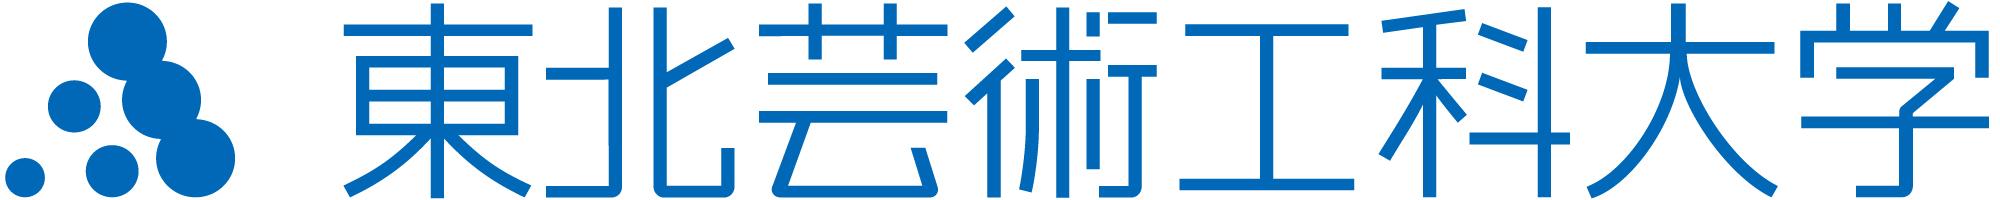 東北芸術工科大学 TOHOKU CALLING